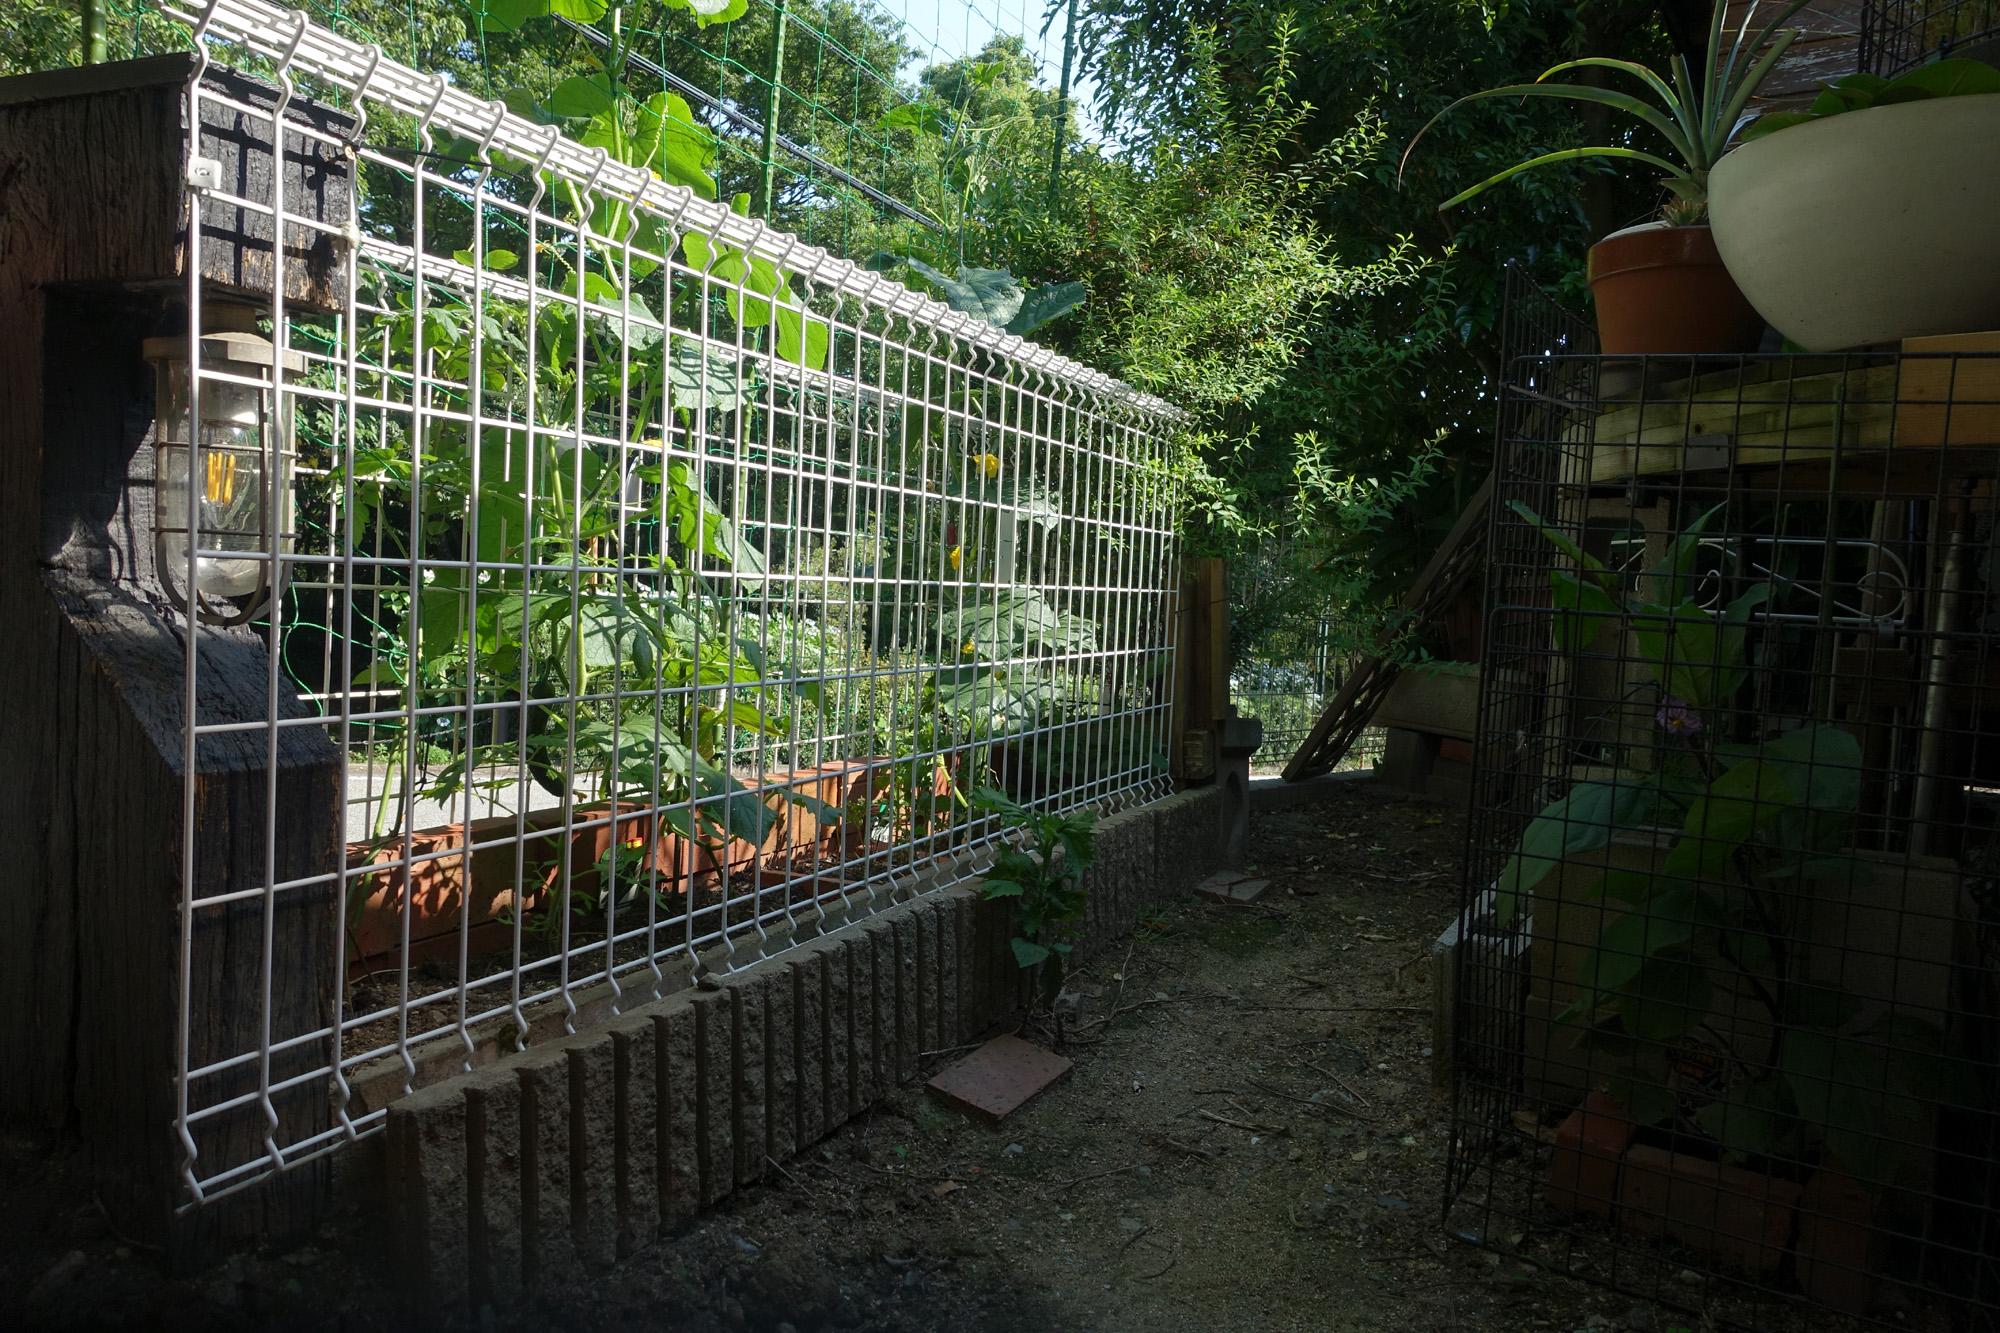 庭で犬と家庭菜園の両立 2021年